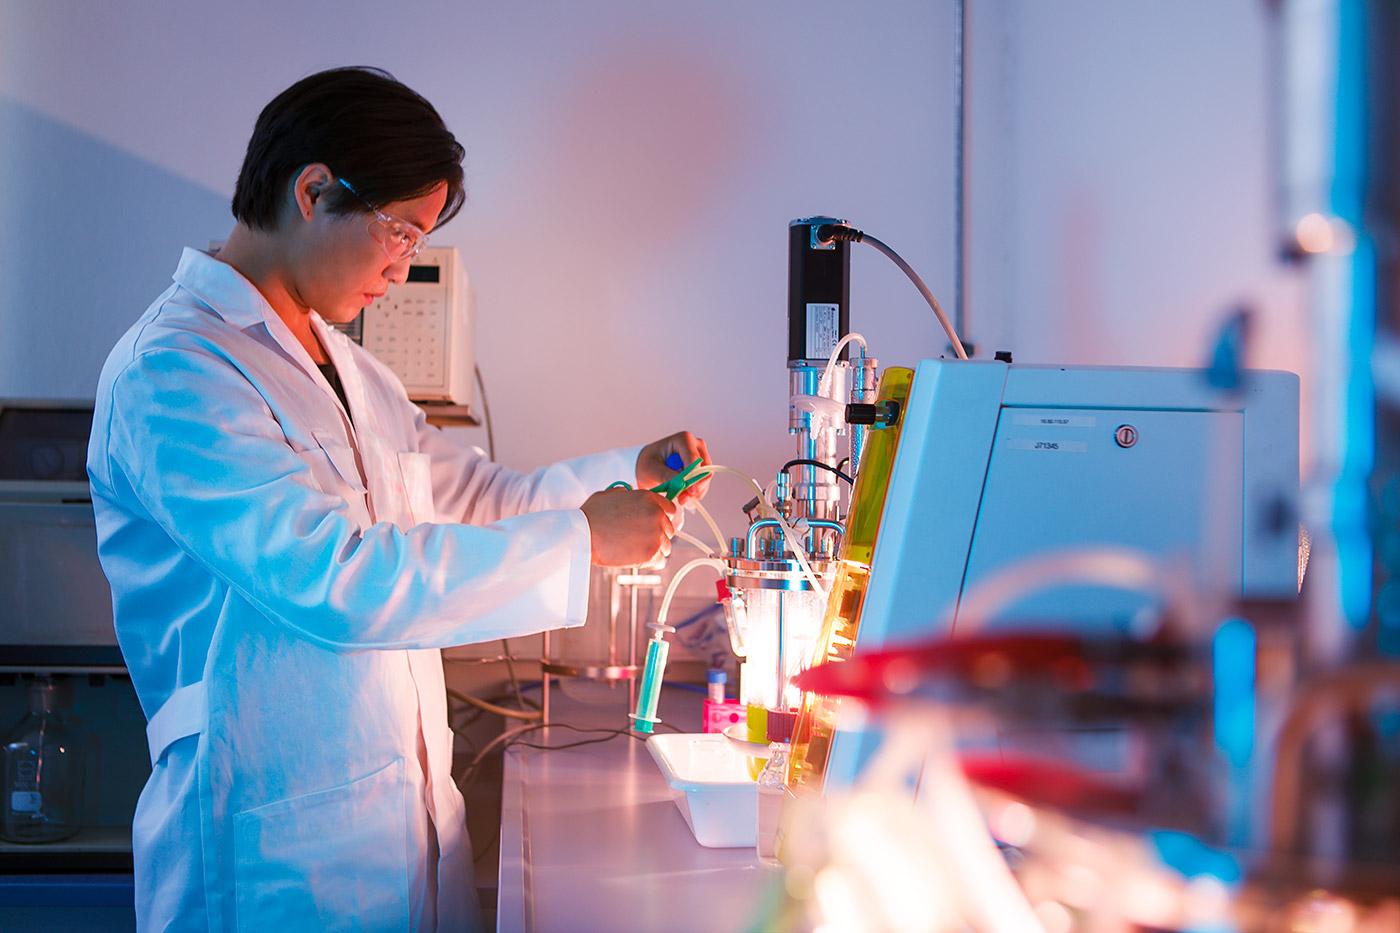 junger Mann im Labor